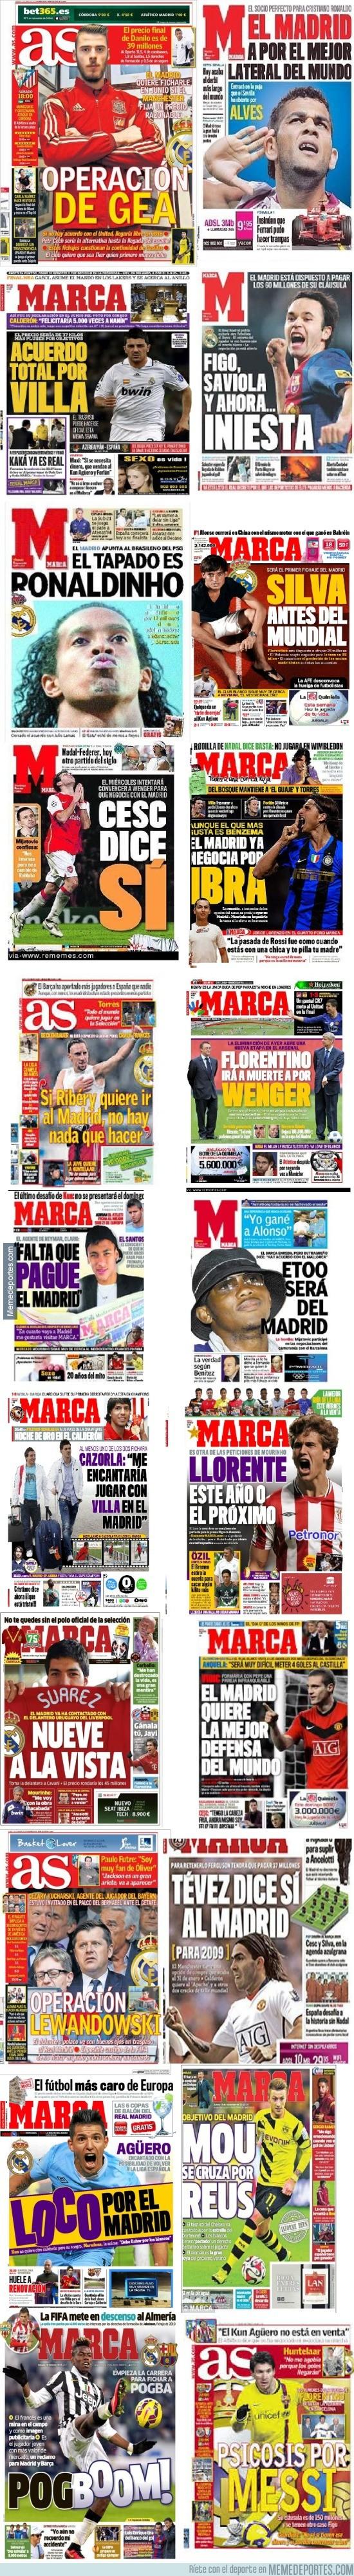 791374 - 20 jugadores que tendría el Madrid según los periódicos